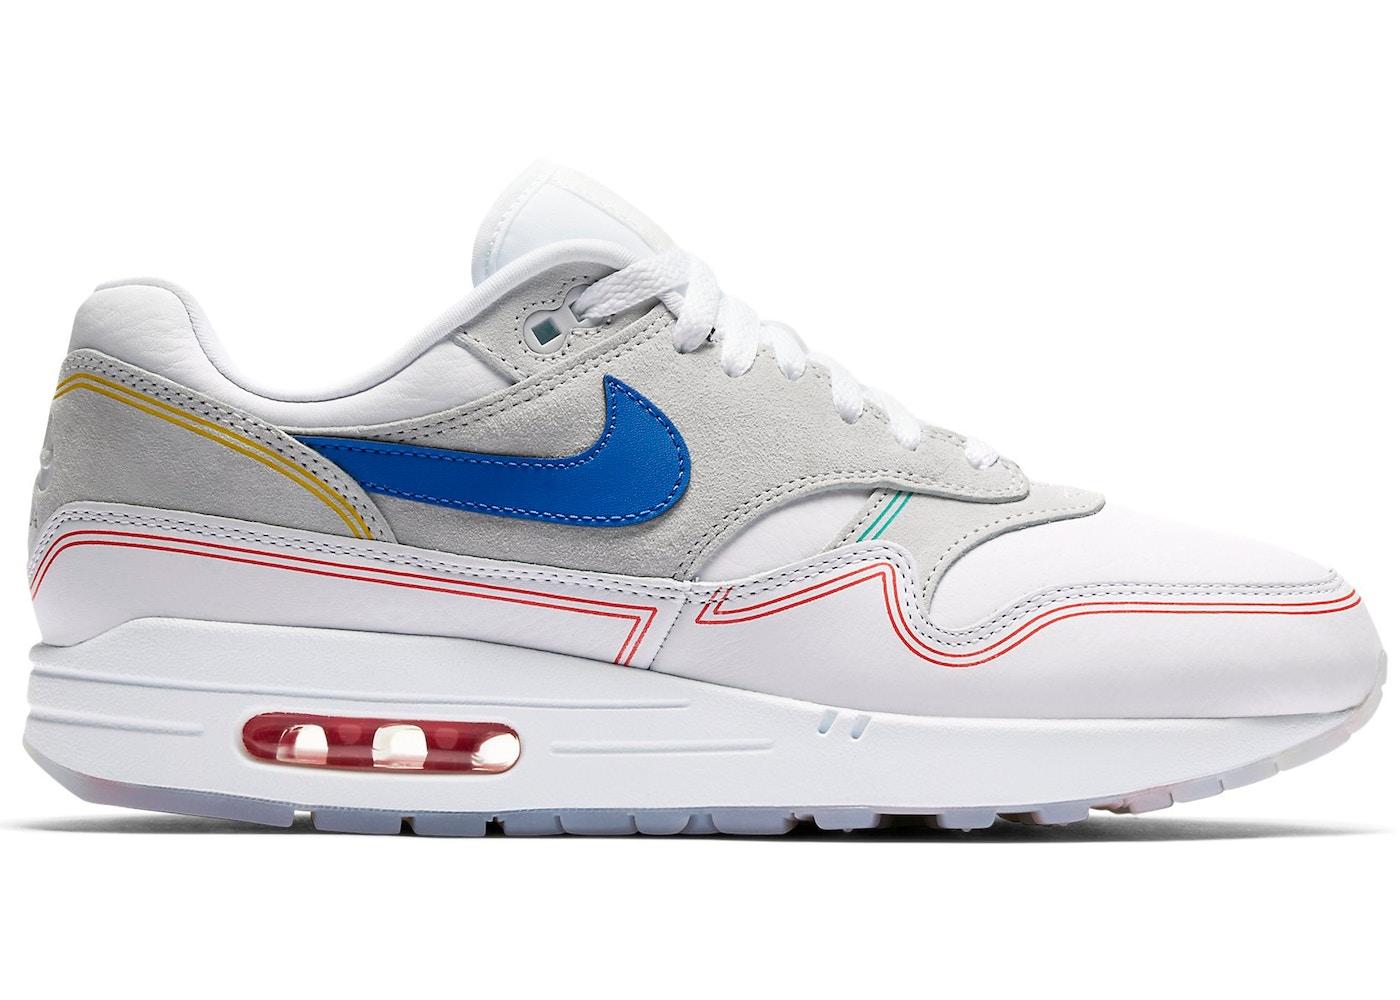 2ab40985b89 Comprar Descuento Nike Air Max 1 Mujer Mejor Precio Zapatillas Amolan  ES6l4O1380